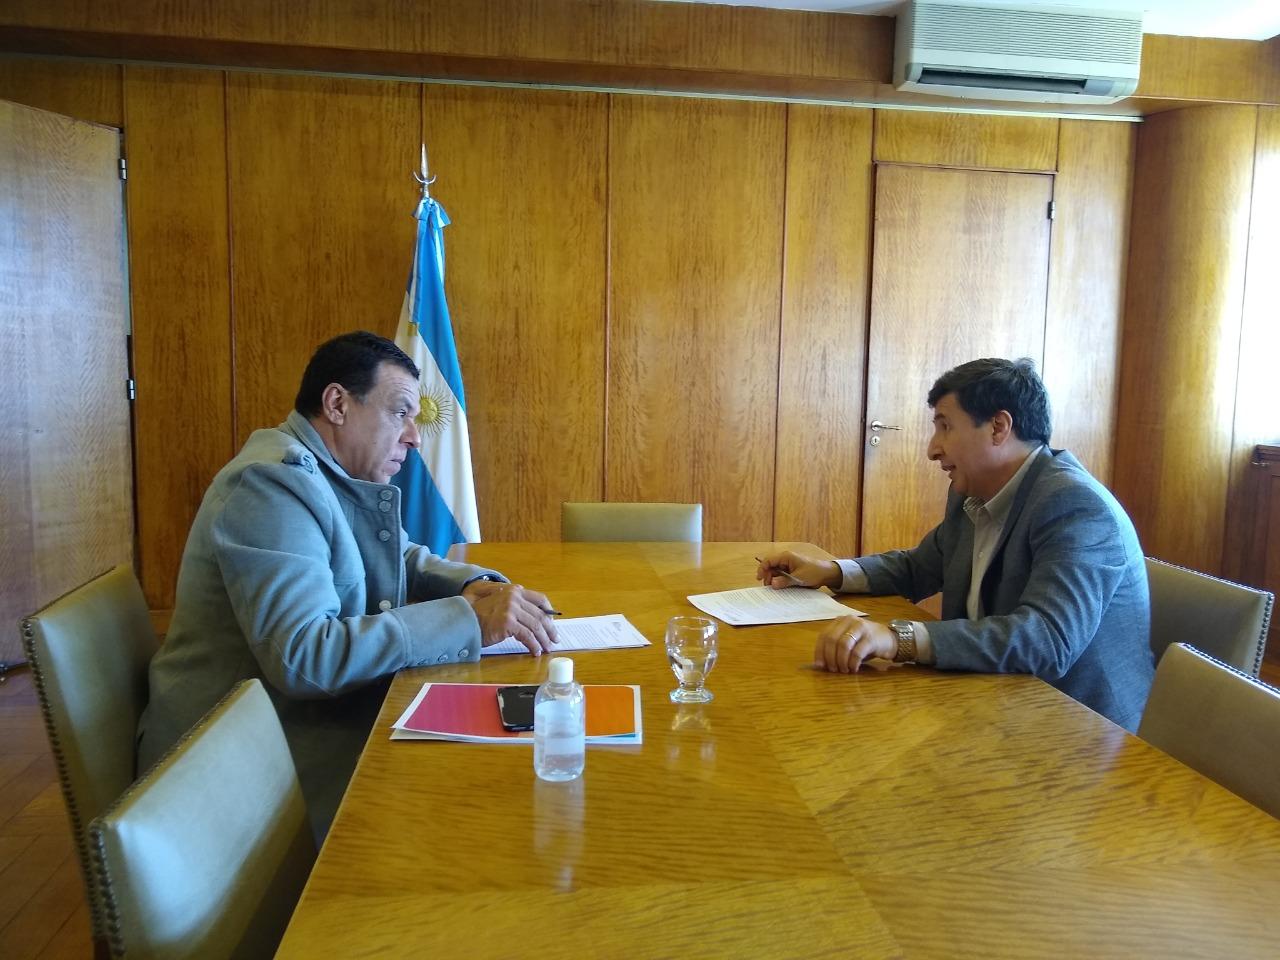 Plan de Emergencia Alimentaria:  Importante acuerdo entre el Municipio de Zárate y el Ministerio de Desarrollo Social de la Nación